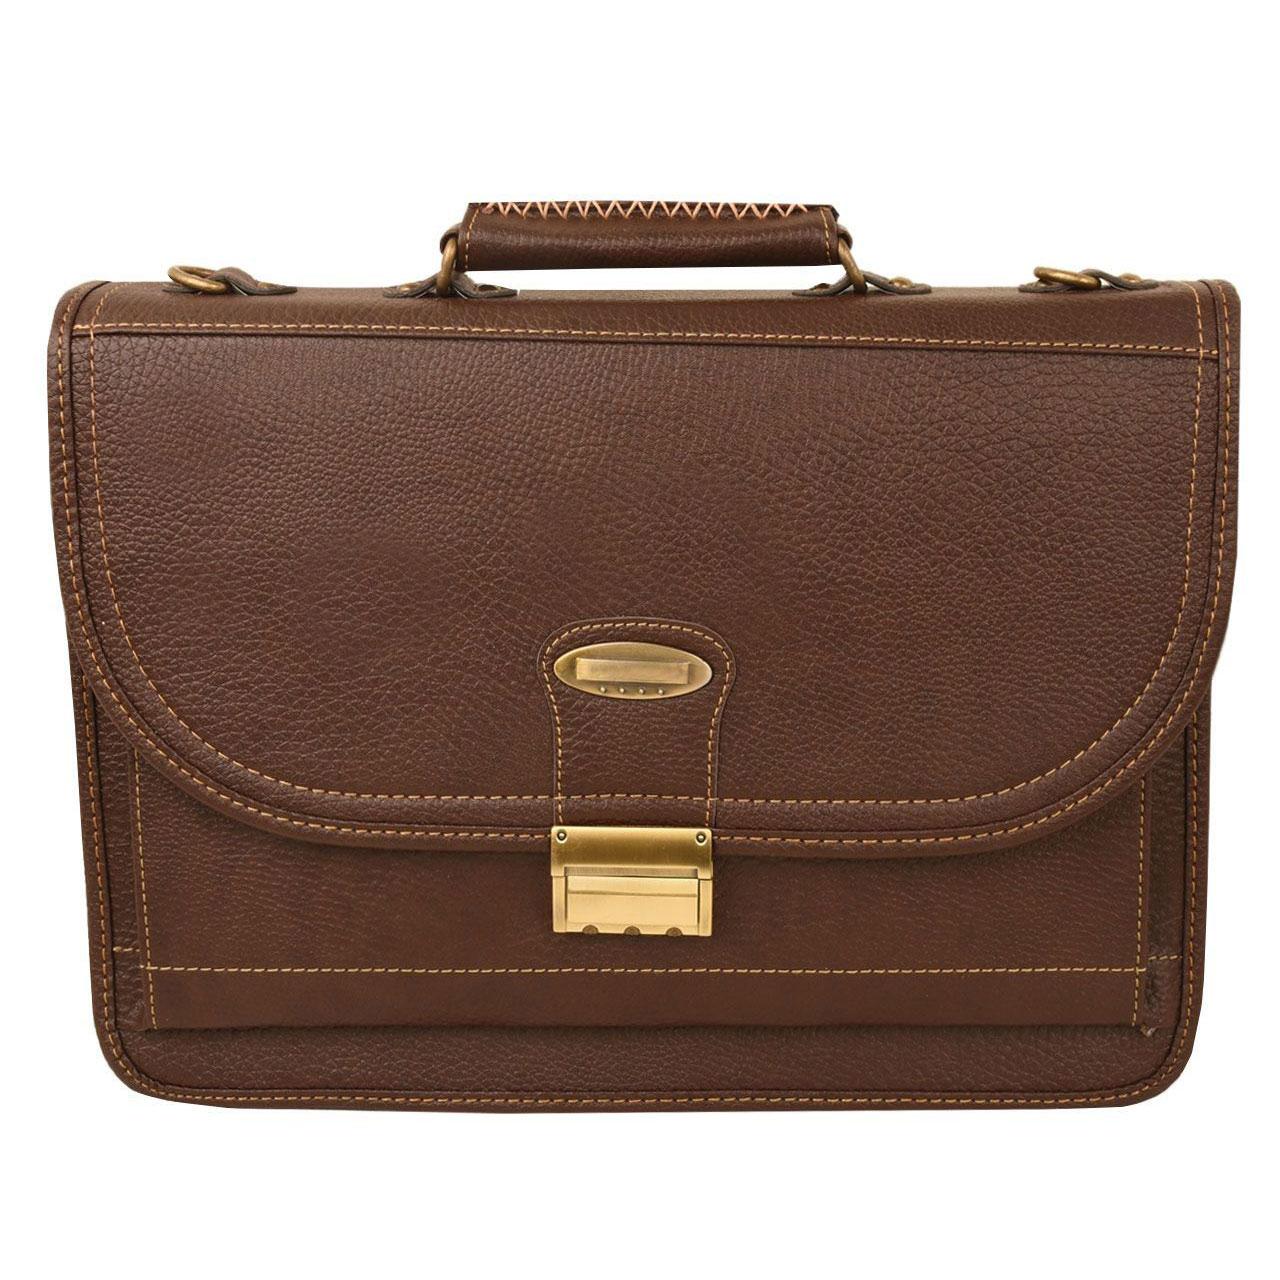 قیمت کیف اداری مردانه پارینه کد 15-P261